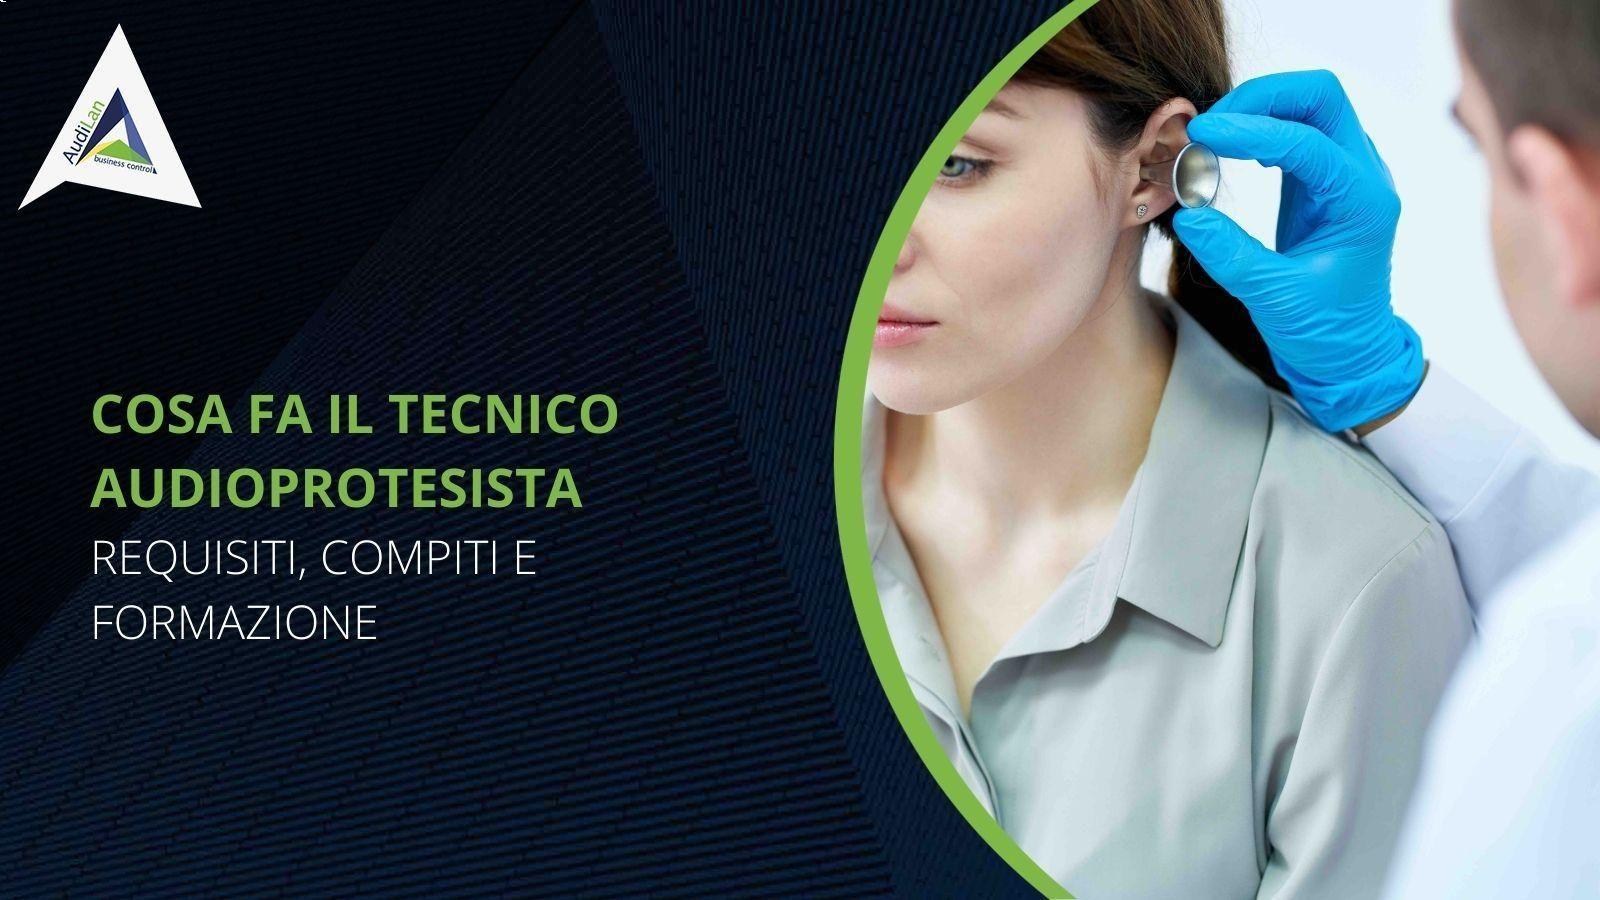 Cosa fa il tecnico audioprotesista